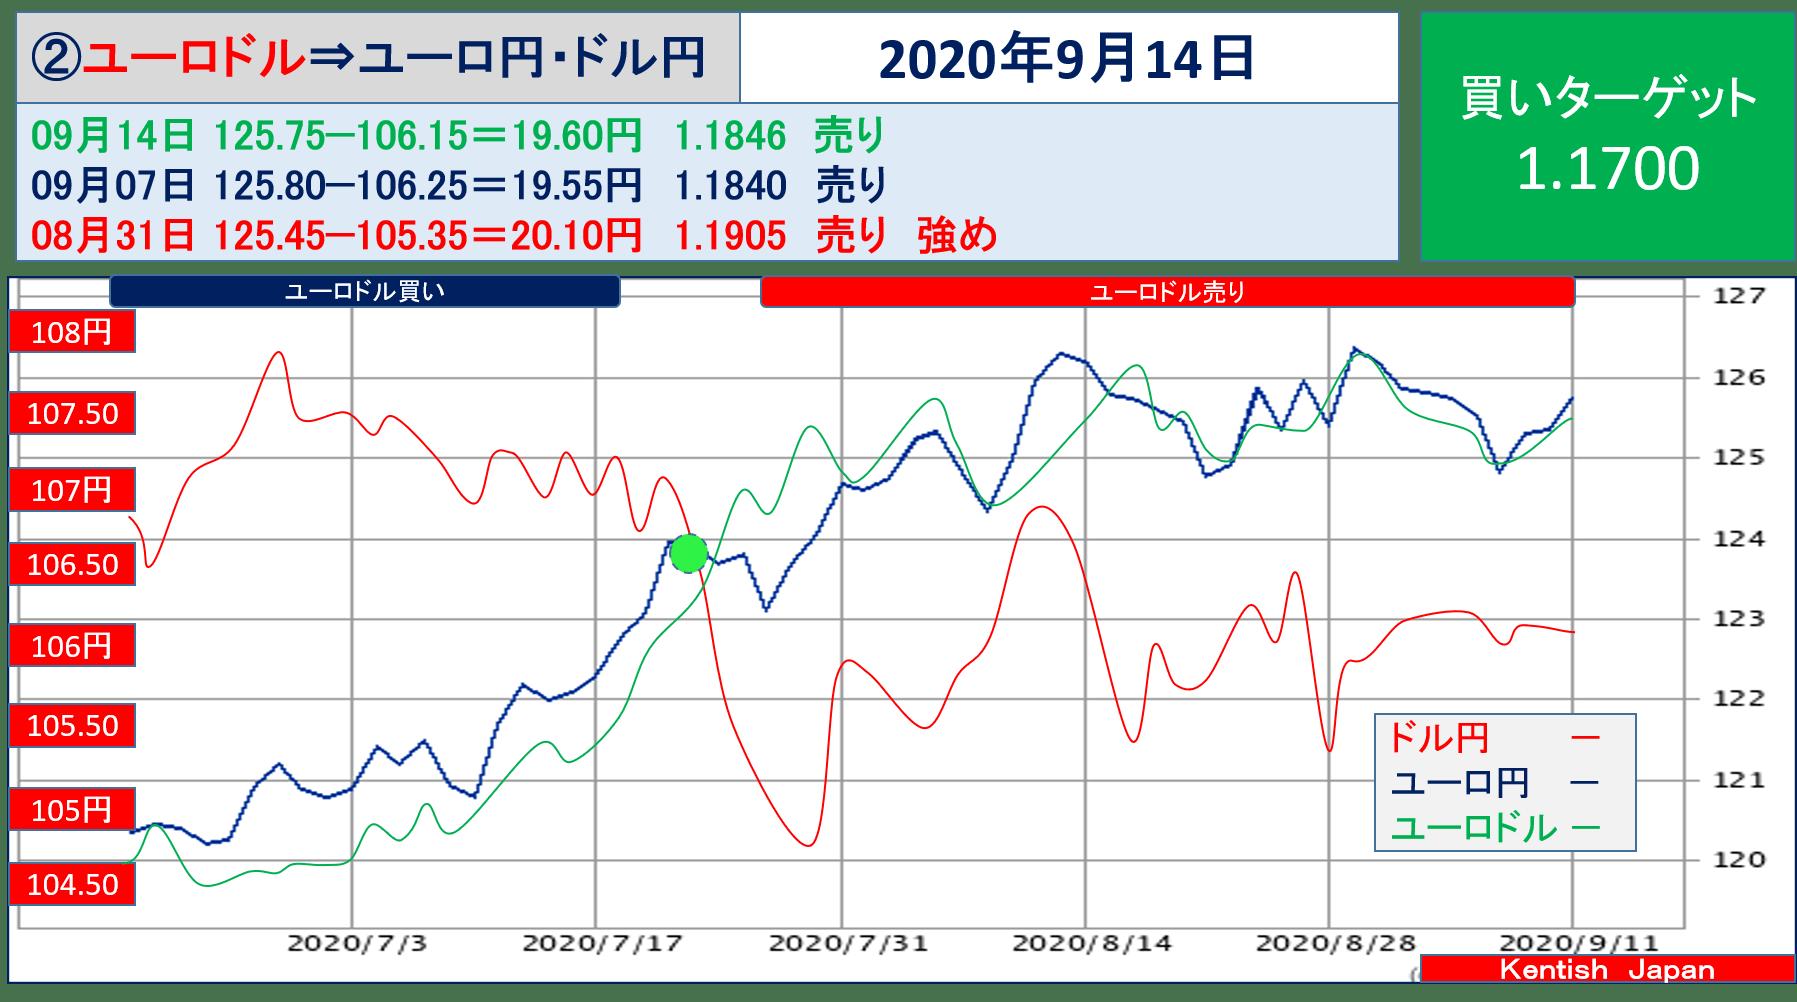 【2020年9月14日週】ユーロドル(ユーロ円-ドル円)